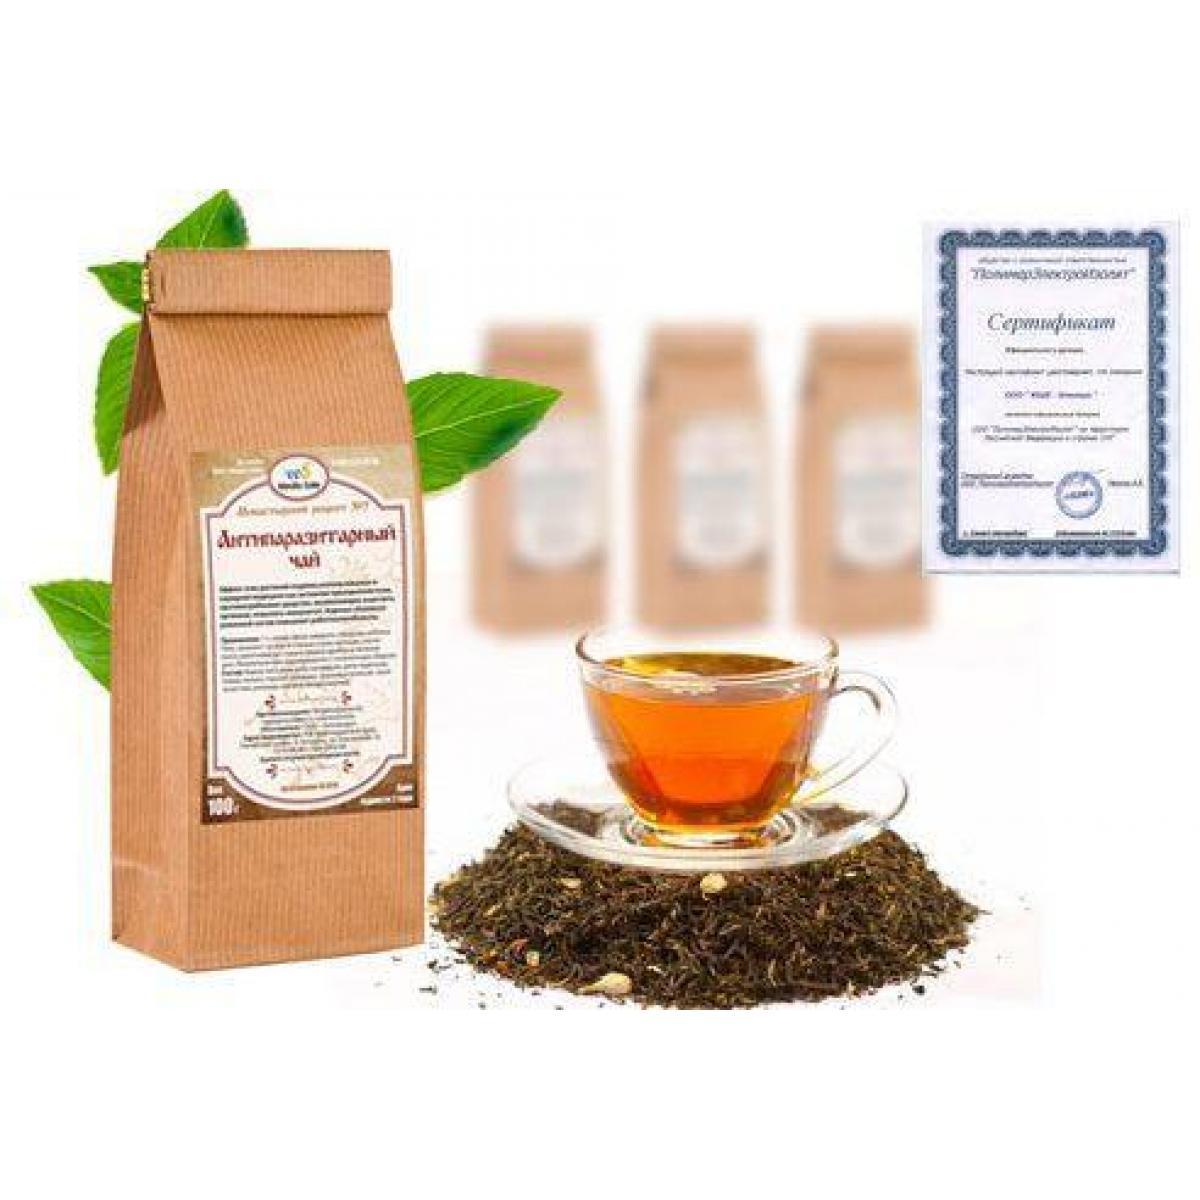 монастырские травяные чаи